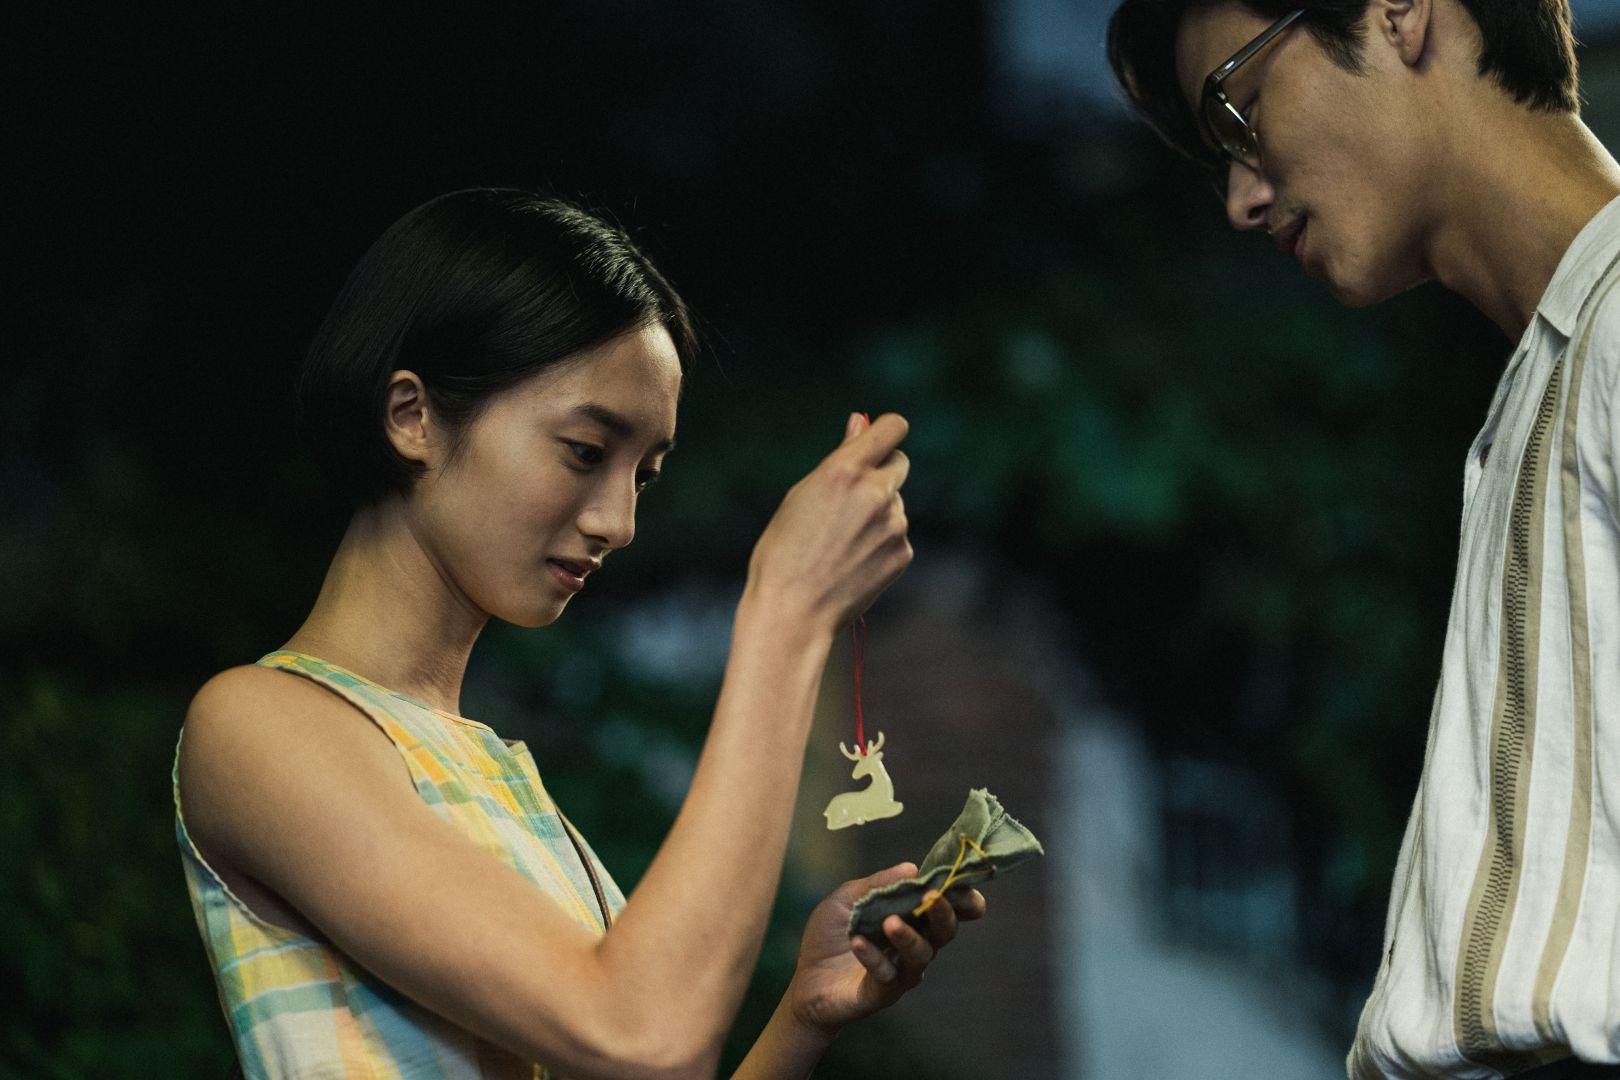 夏騰宏(右)與韓寧(左)重現遊戲中贈與白鹿玉珮的經典橋段